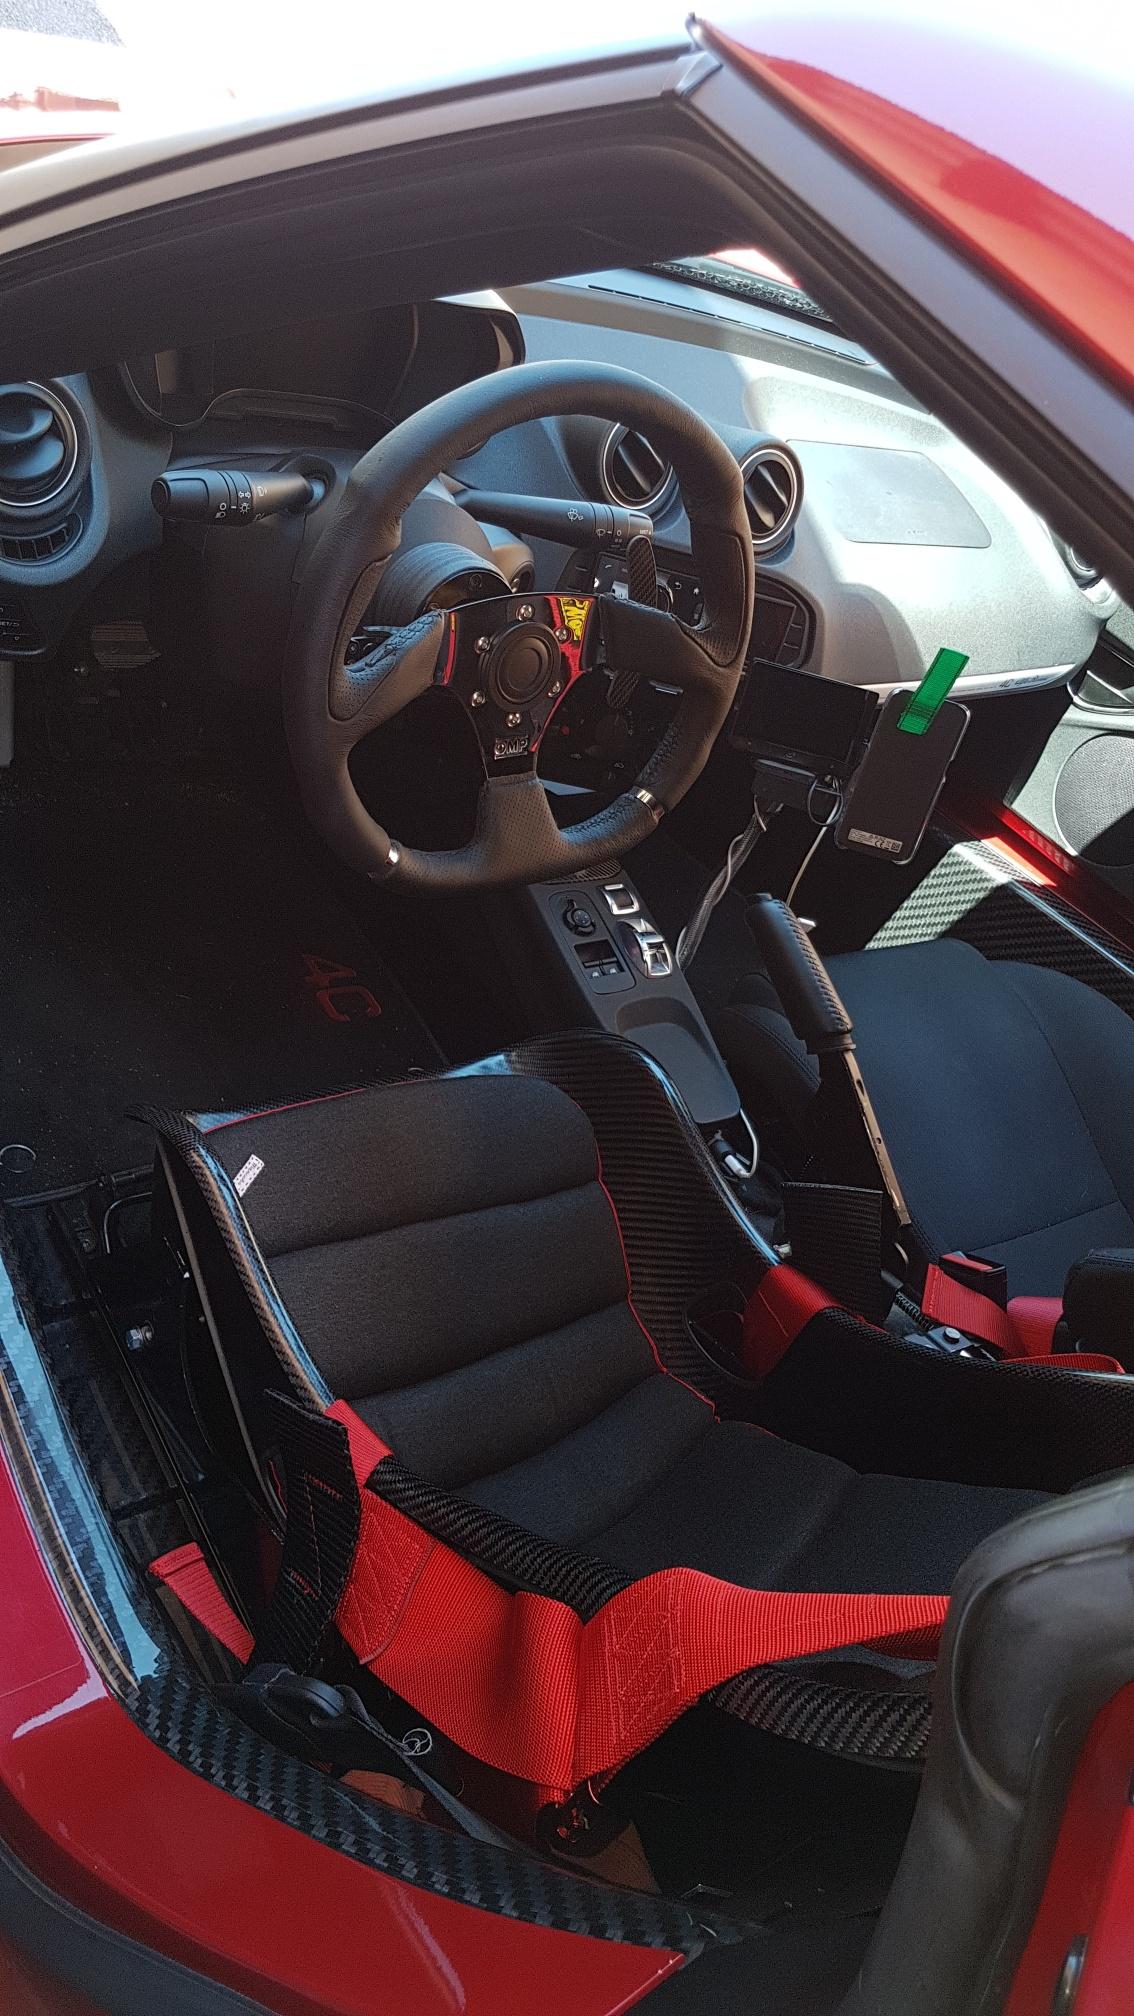 [FrakassoR69] Alfa Romeo 4C - Page 11 1530360692-20180630-122004-resized-1